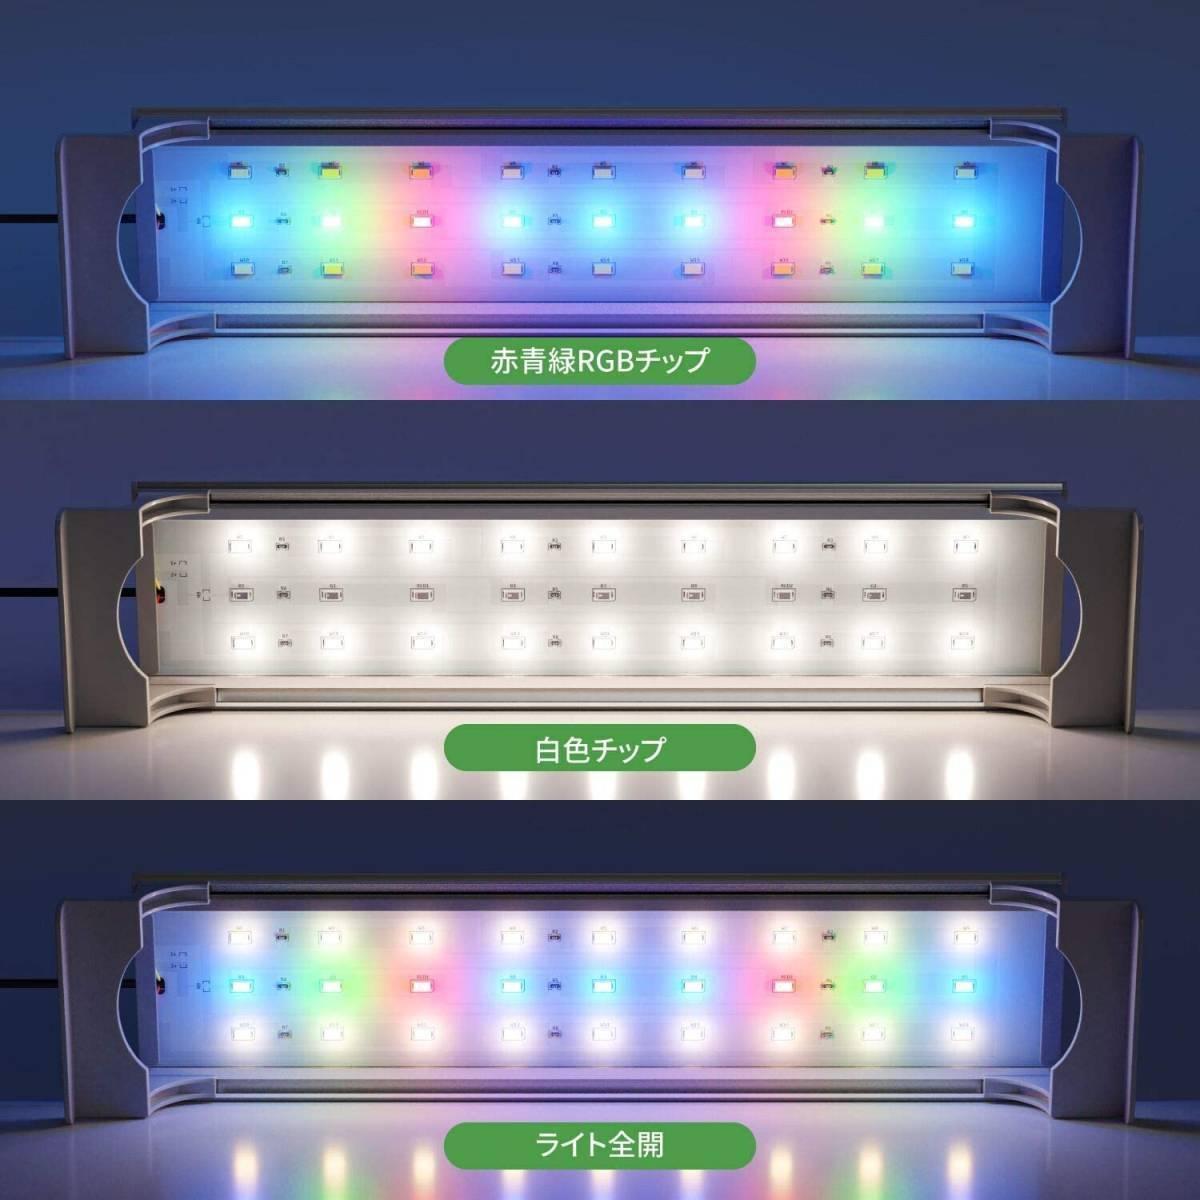 アクアリウム LED水槽ライト 水槽用照明 25~30CM 魚ライト 27連 4色白/赤/青/緑 観賞魚 熱帯魚 水草育成 10.5W 省エネ_画像7